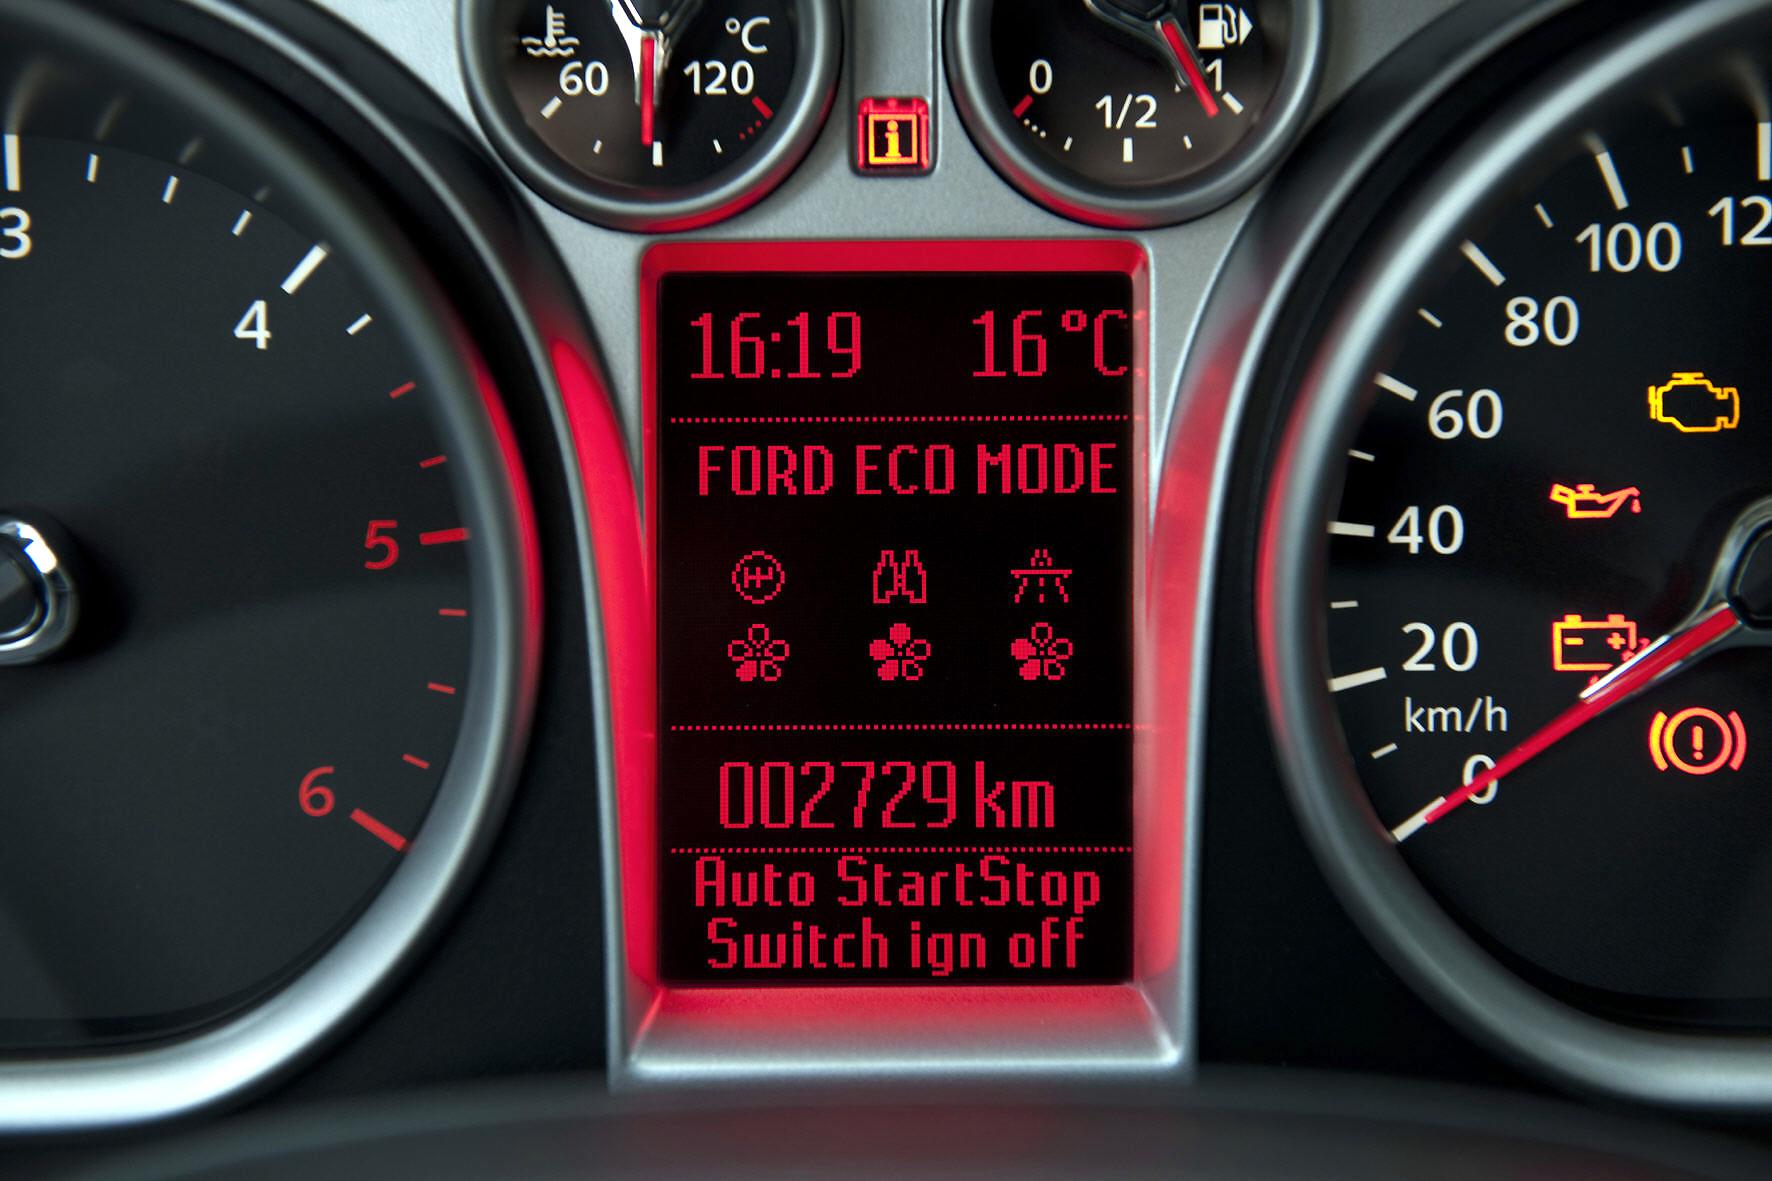 mid Düsseldorf - Zahlreiche Assistenzsysteme sollen Autofahrern beim Kraftstoffsparen helfen. Übrigens: Als größter Spritfresser gilt in vielen Fällen die Klimaanlage.